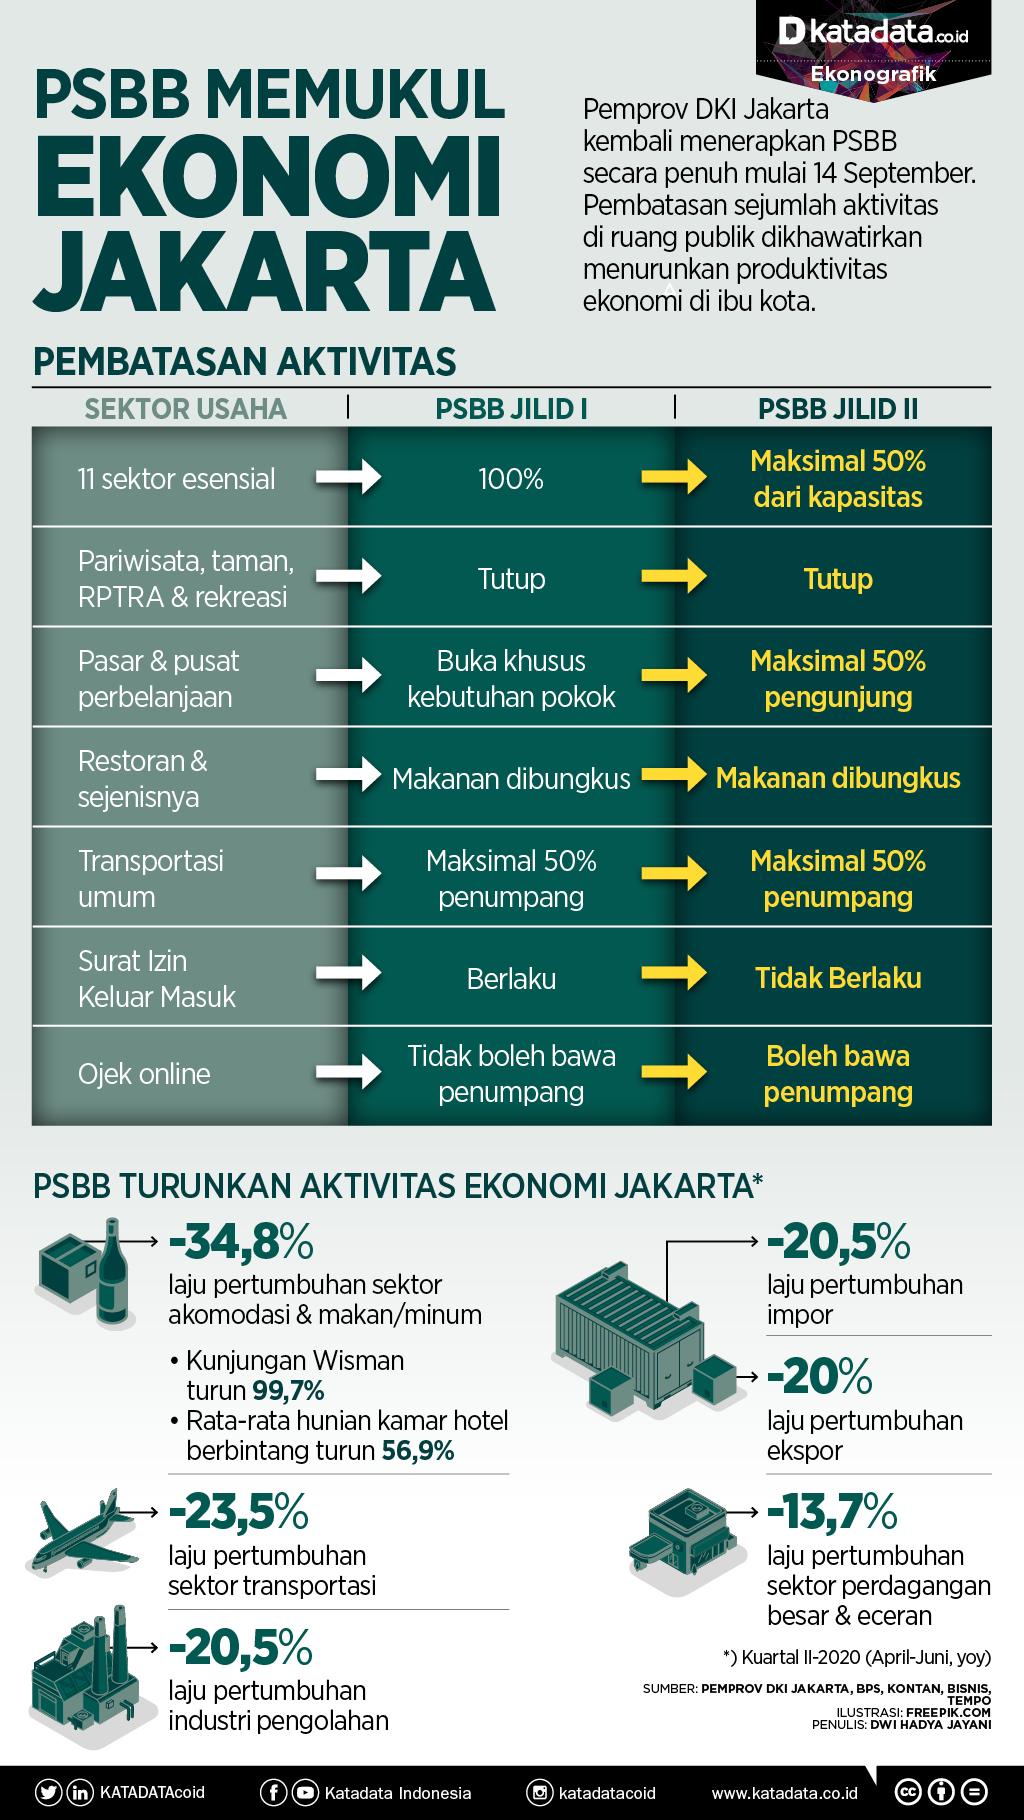 PSBB Memukul Ekonomi Jakarta_rev